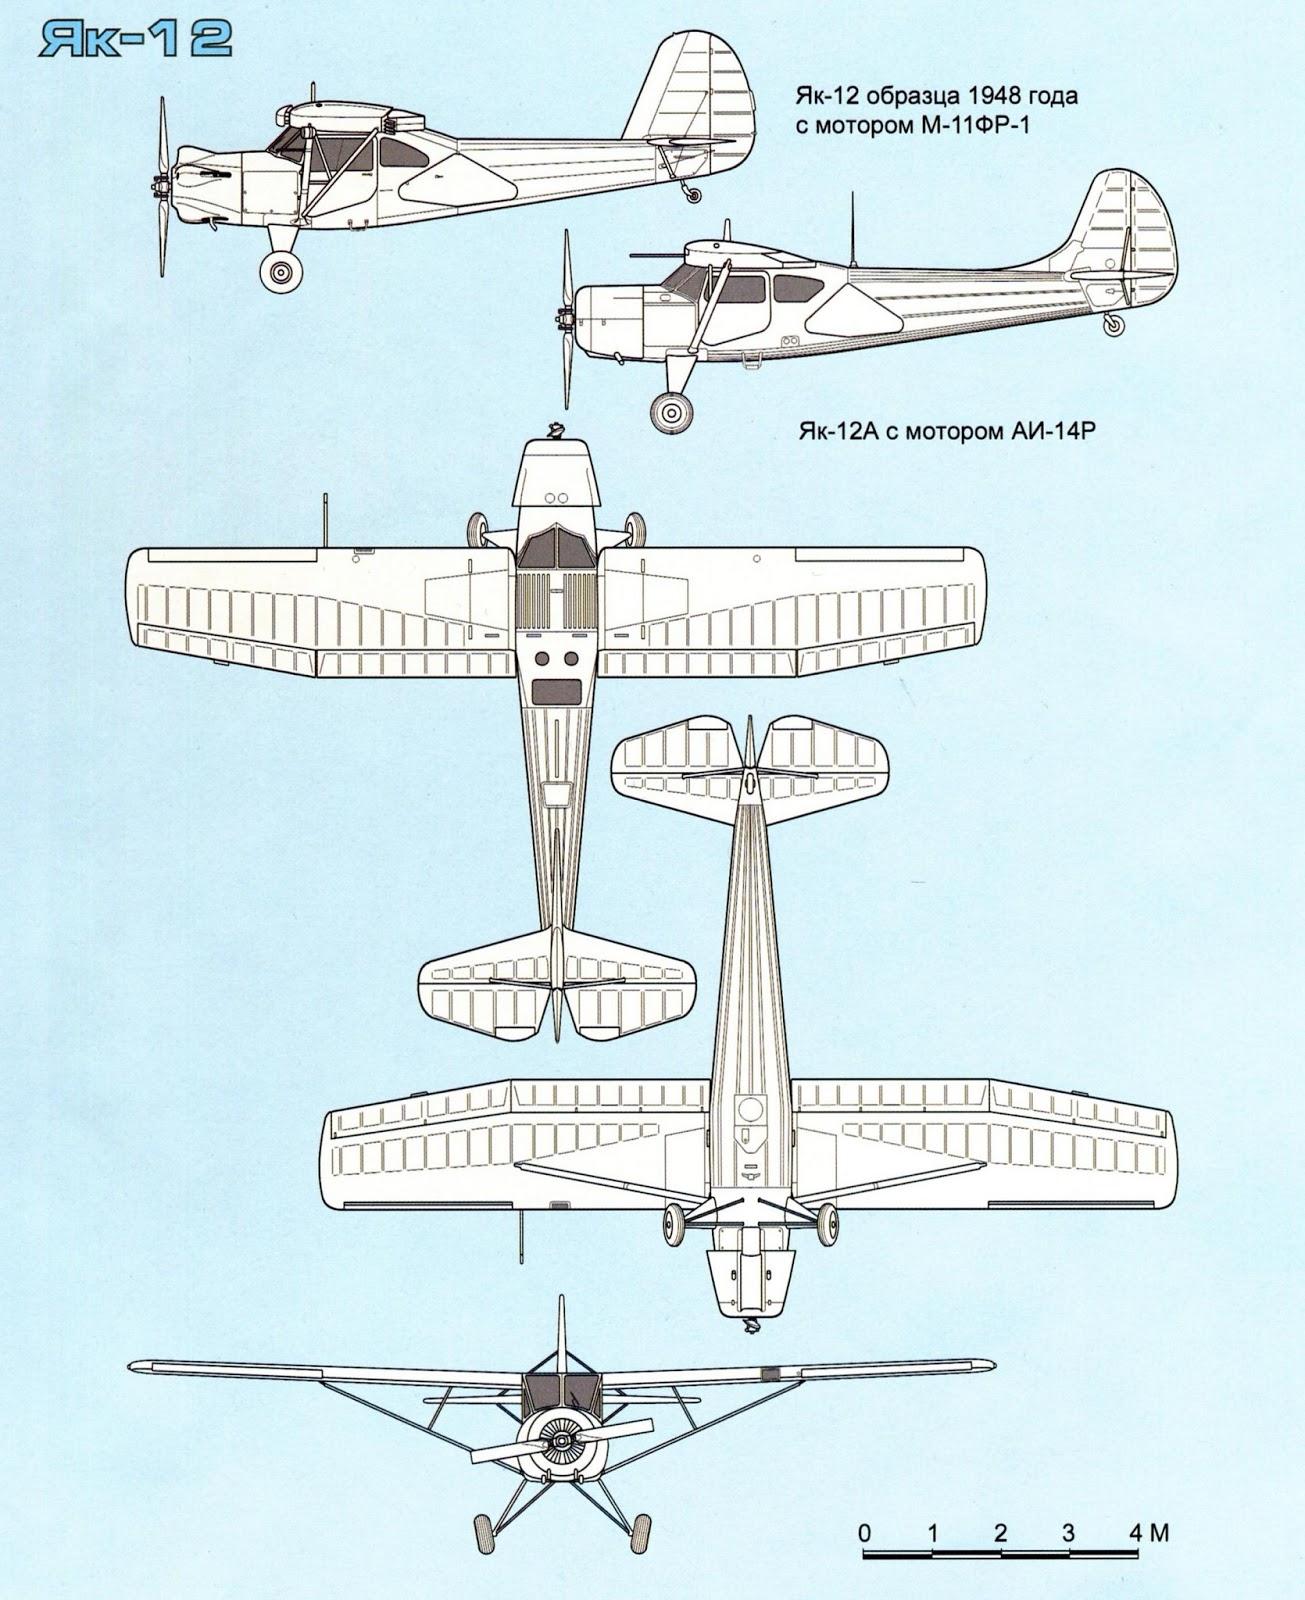 характеристики истребителя Як 12